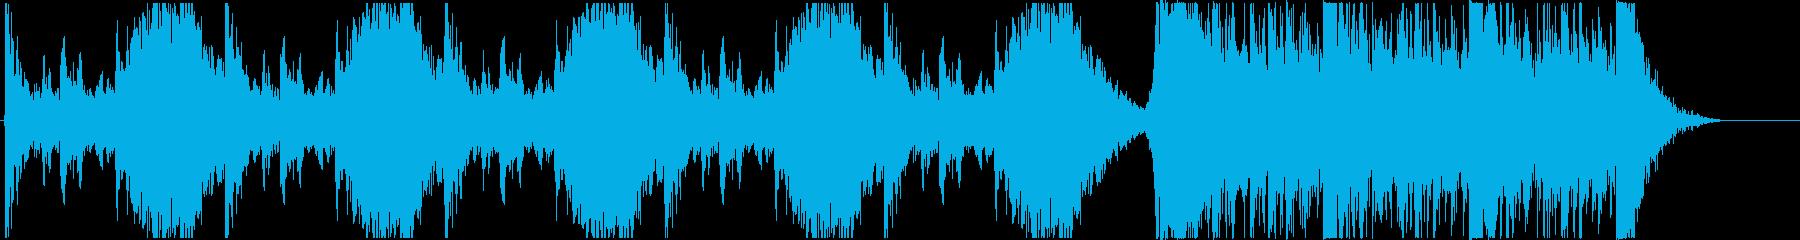 打楽器中心のトレーラーBの再生済みの波形